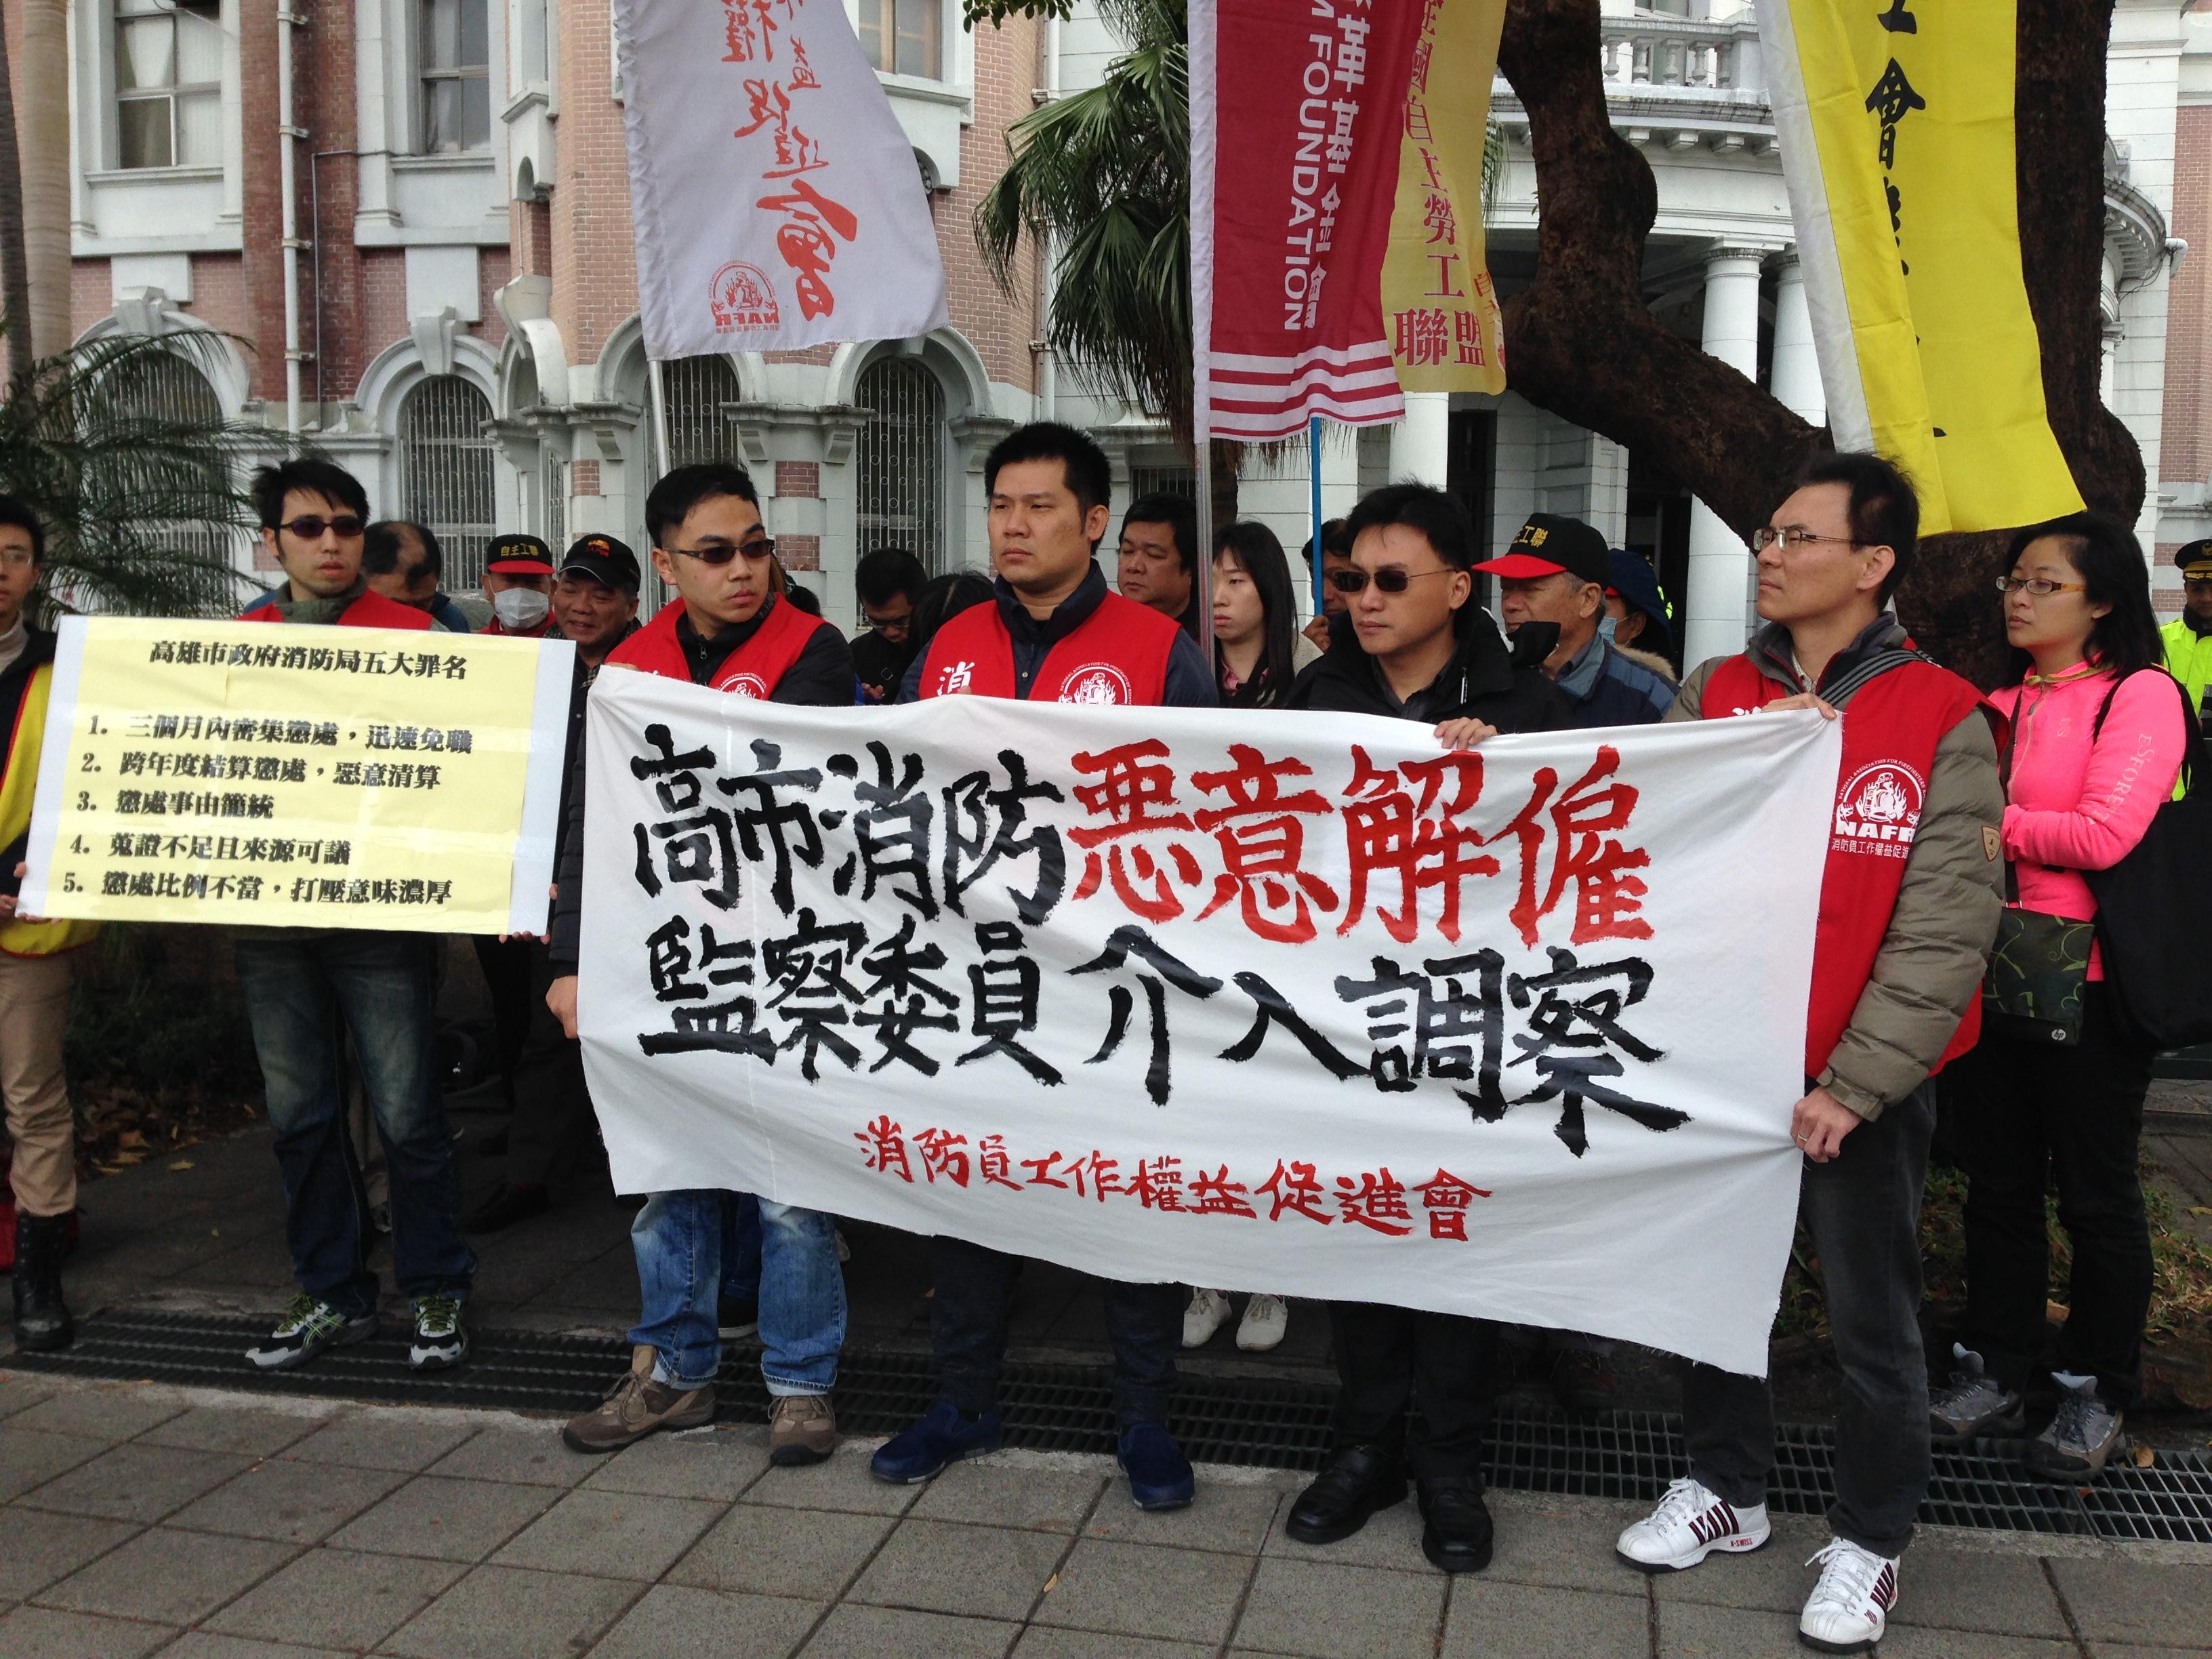 消權會前往監察院提出陳情,要求監委應介入調查徐國堯被惡意解僱的過程。(攝影:張宗坤)